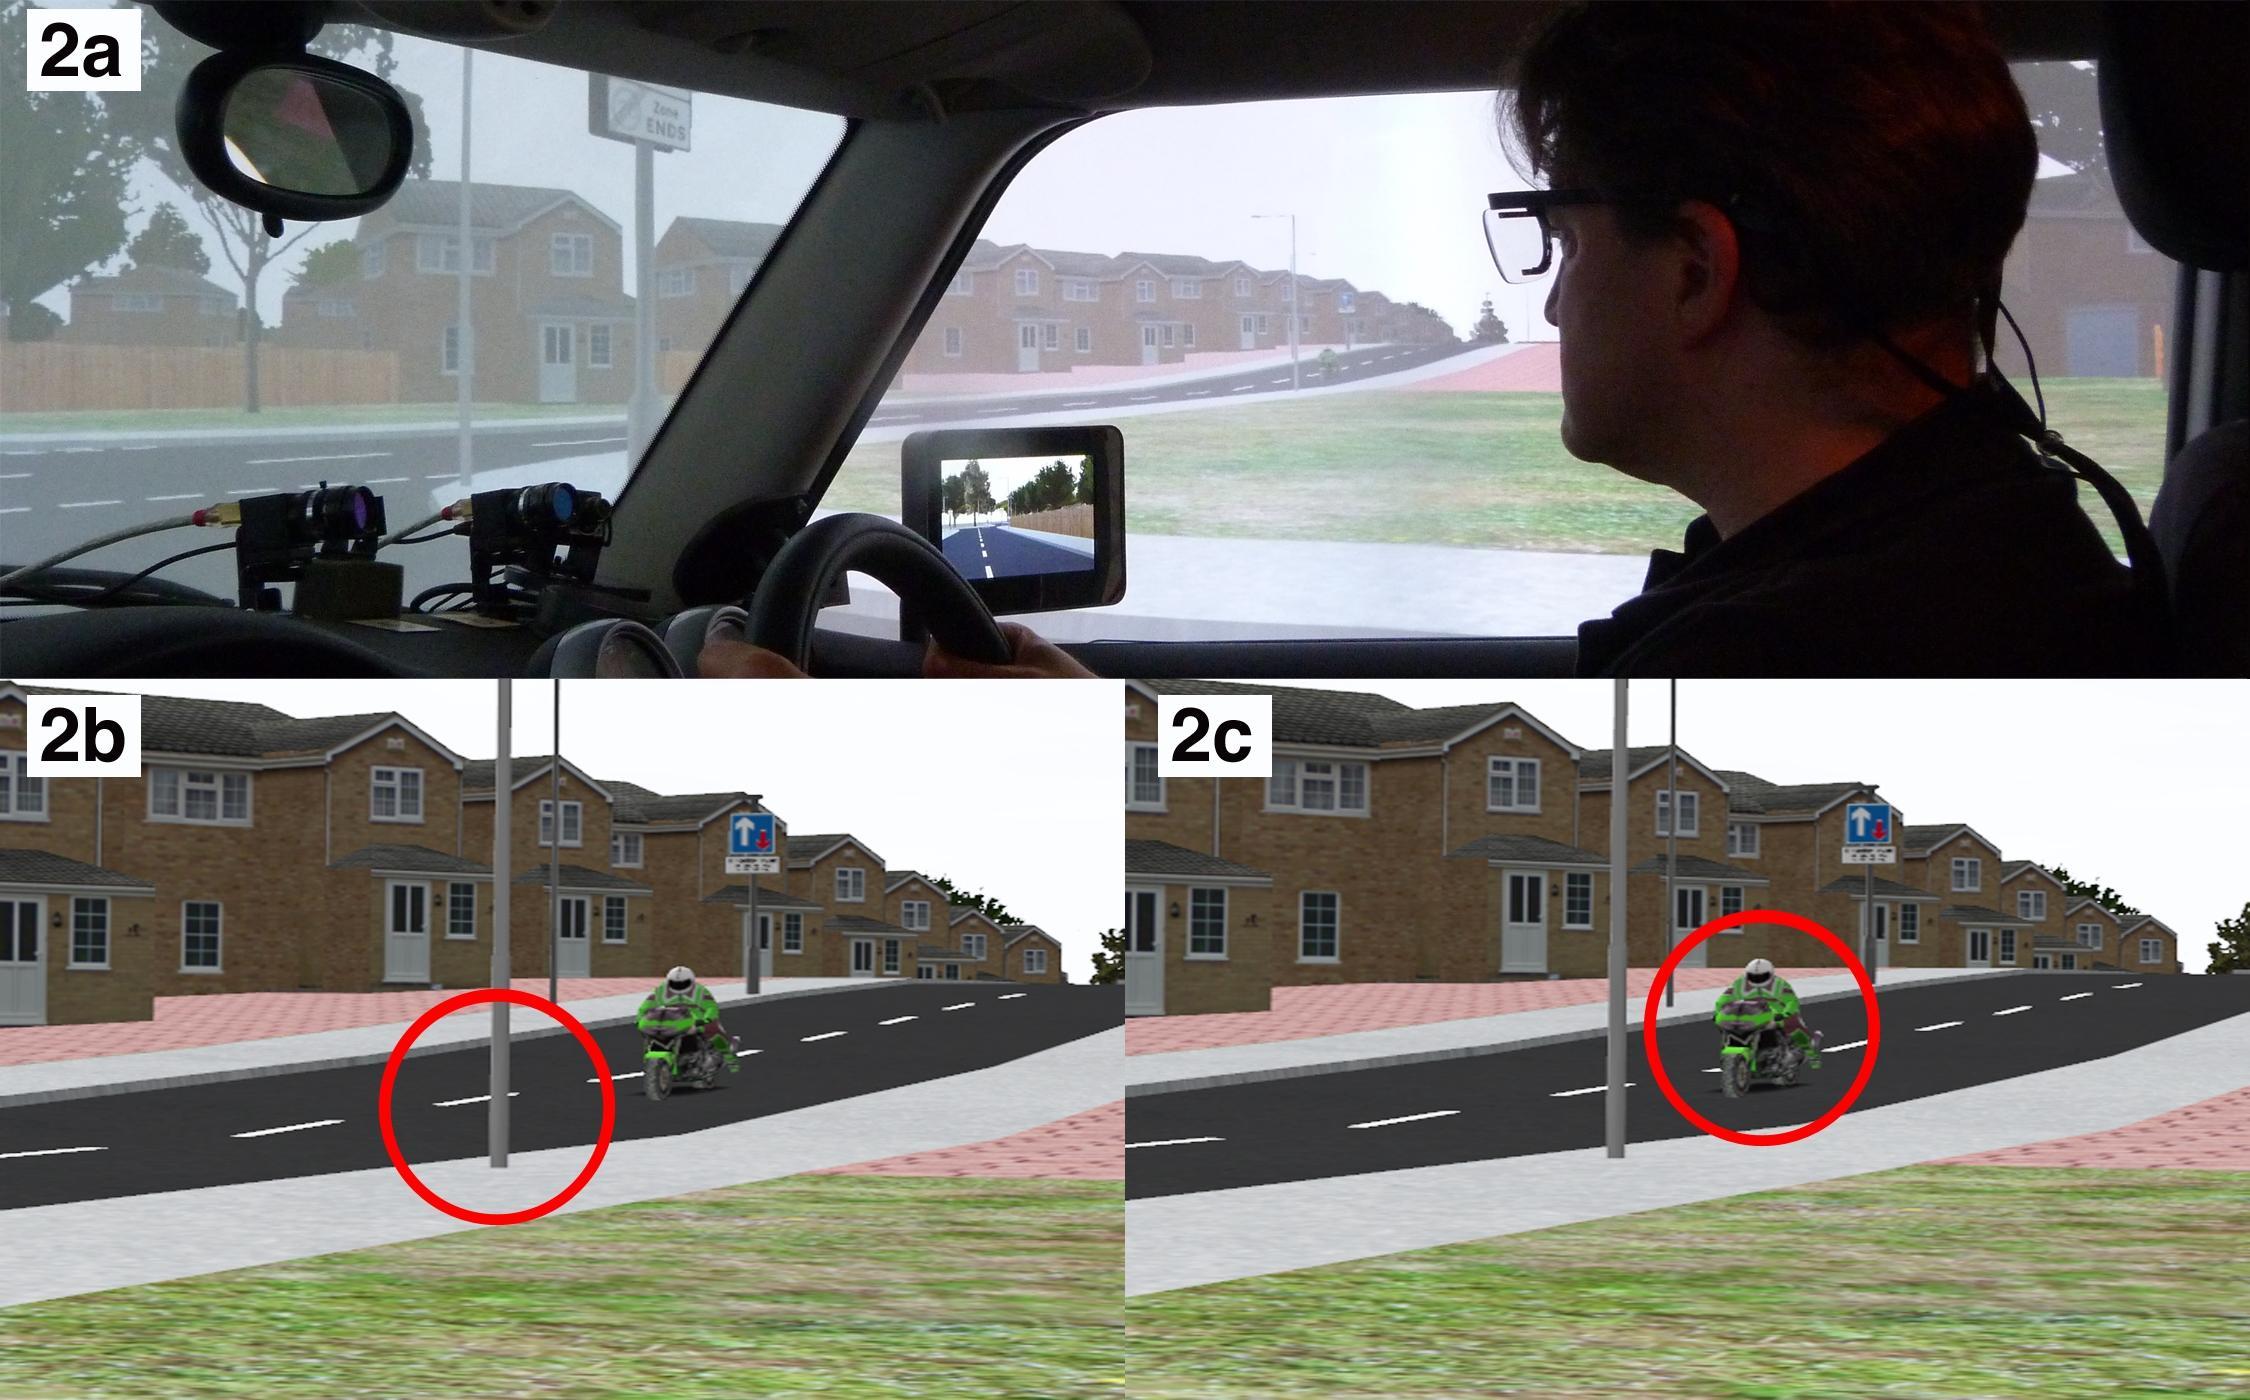 Мотоциклисты становятся жертвами ДТП из-за сбоев памяти у водителей машин